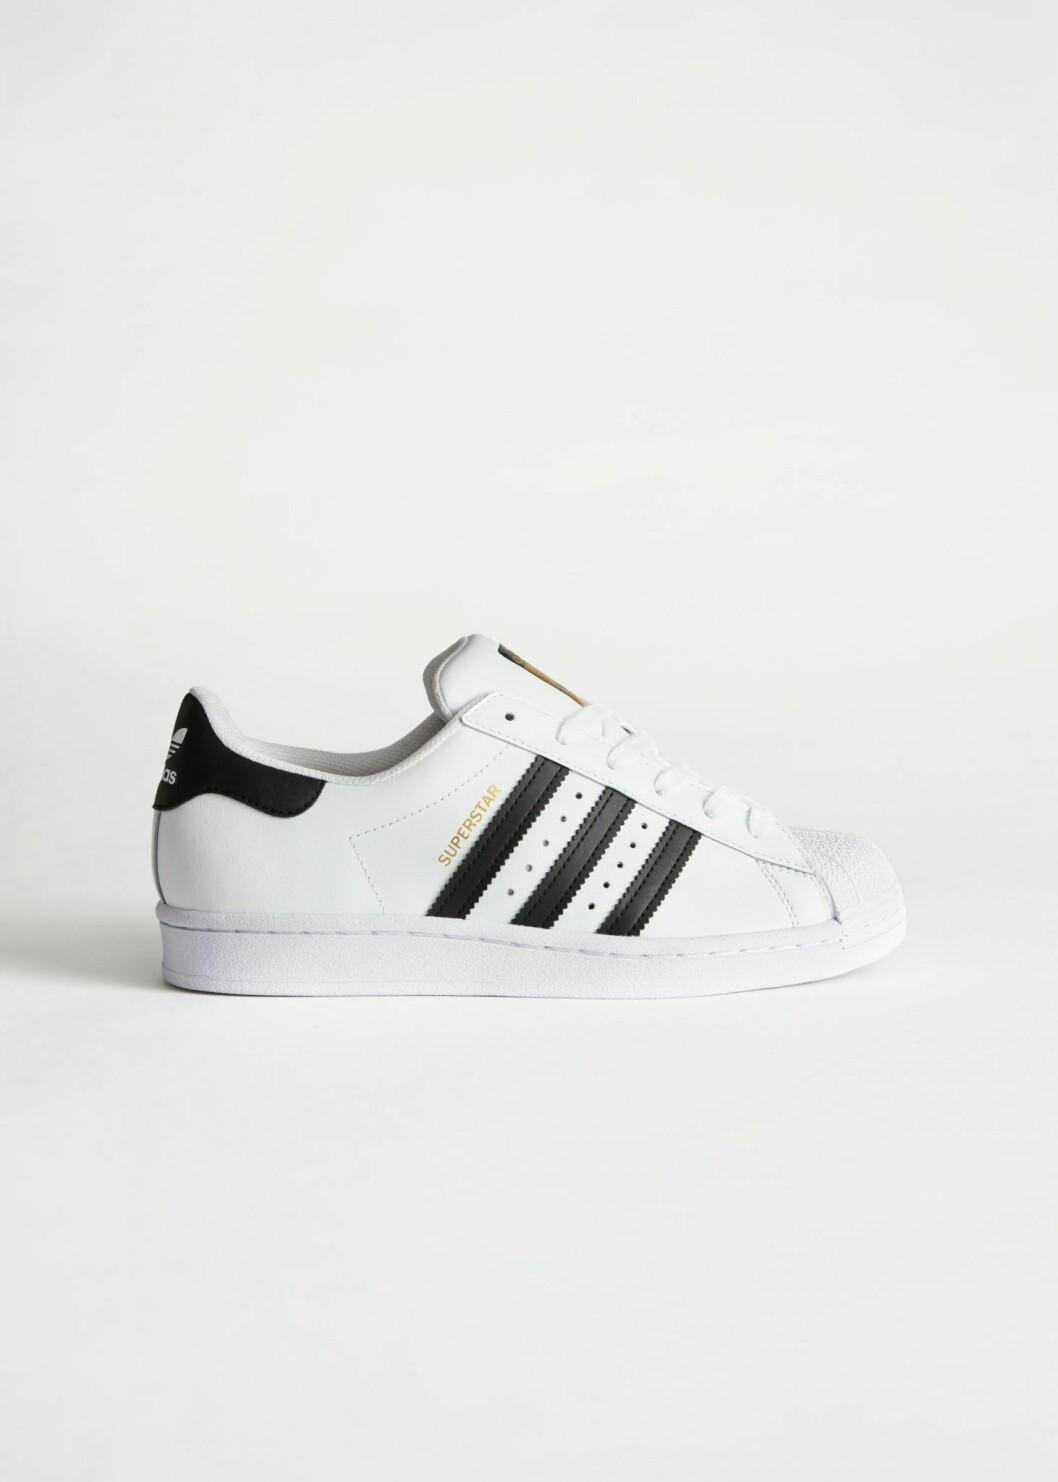 Vita sneakers med detaljer i svart från Adidas.